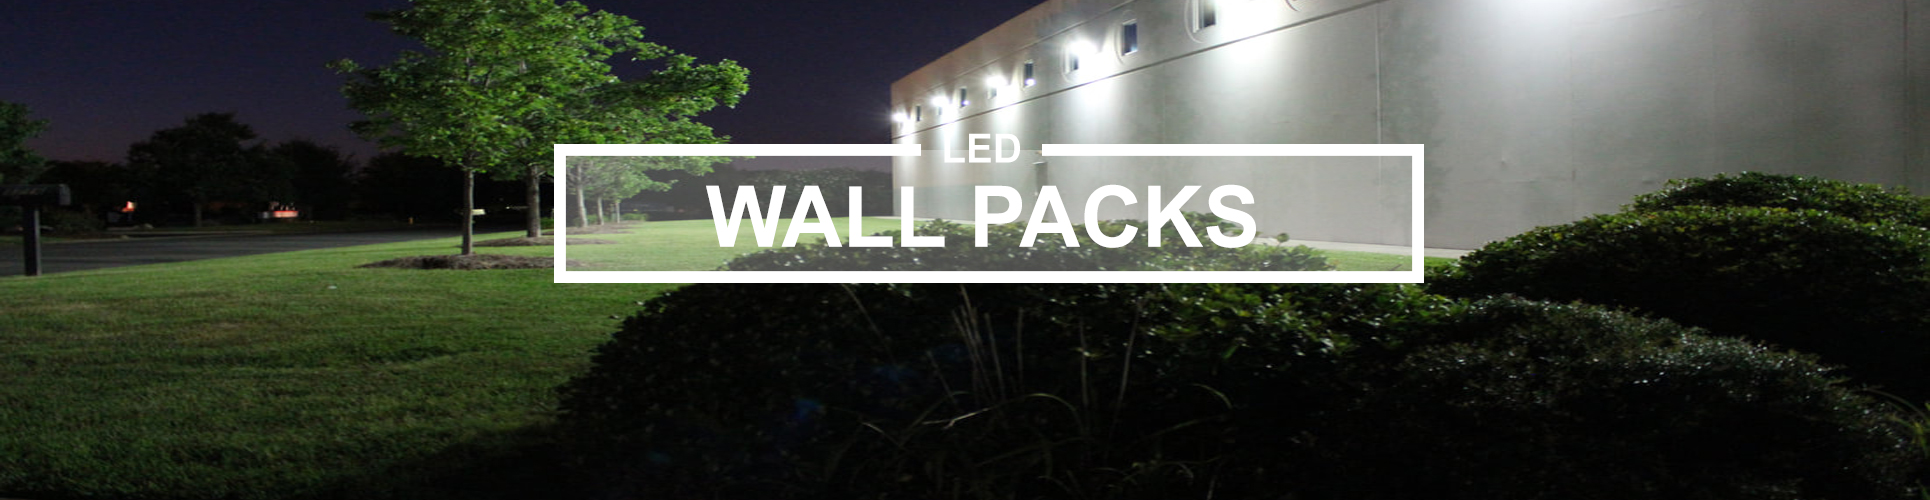 Wall packs